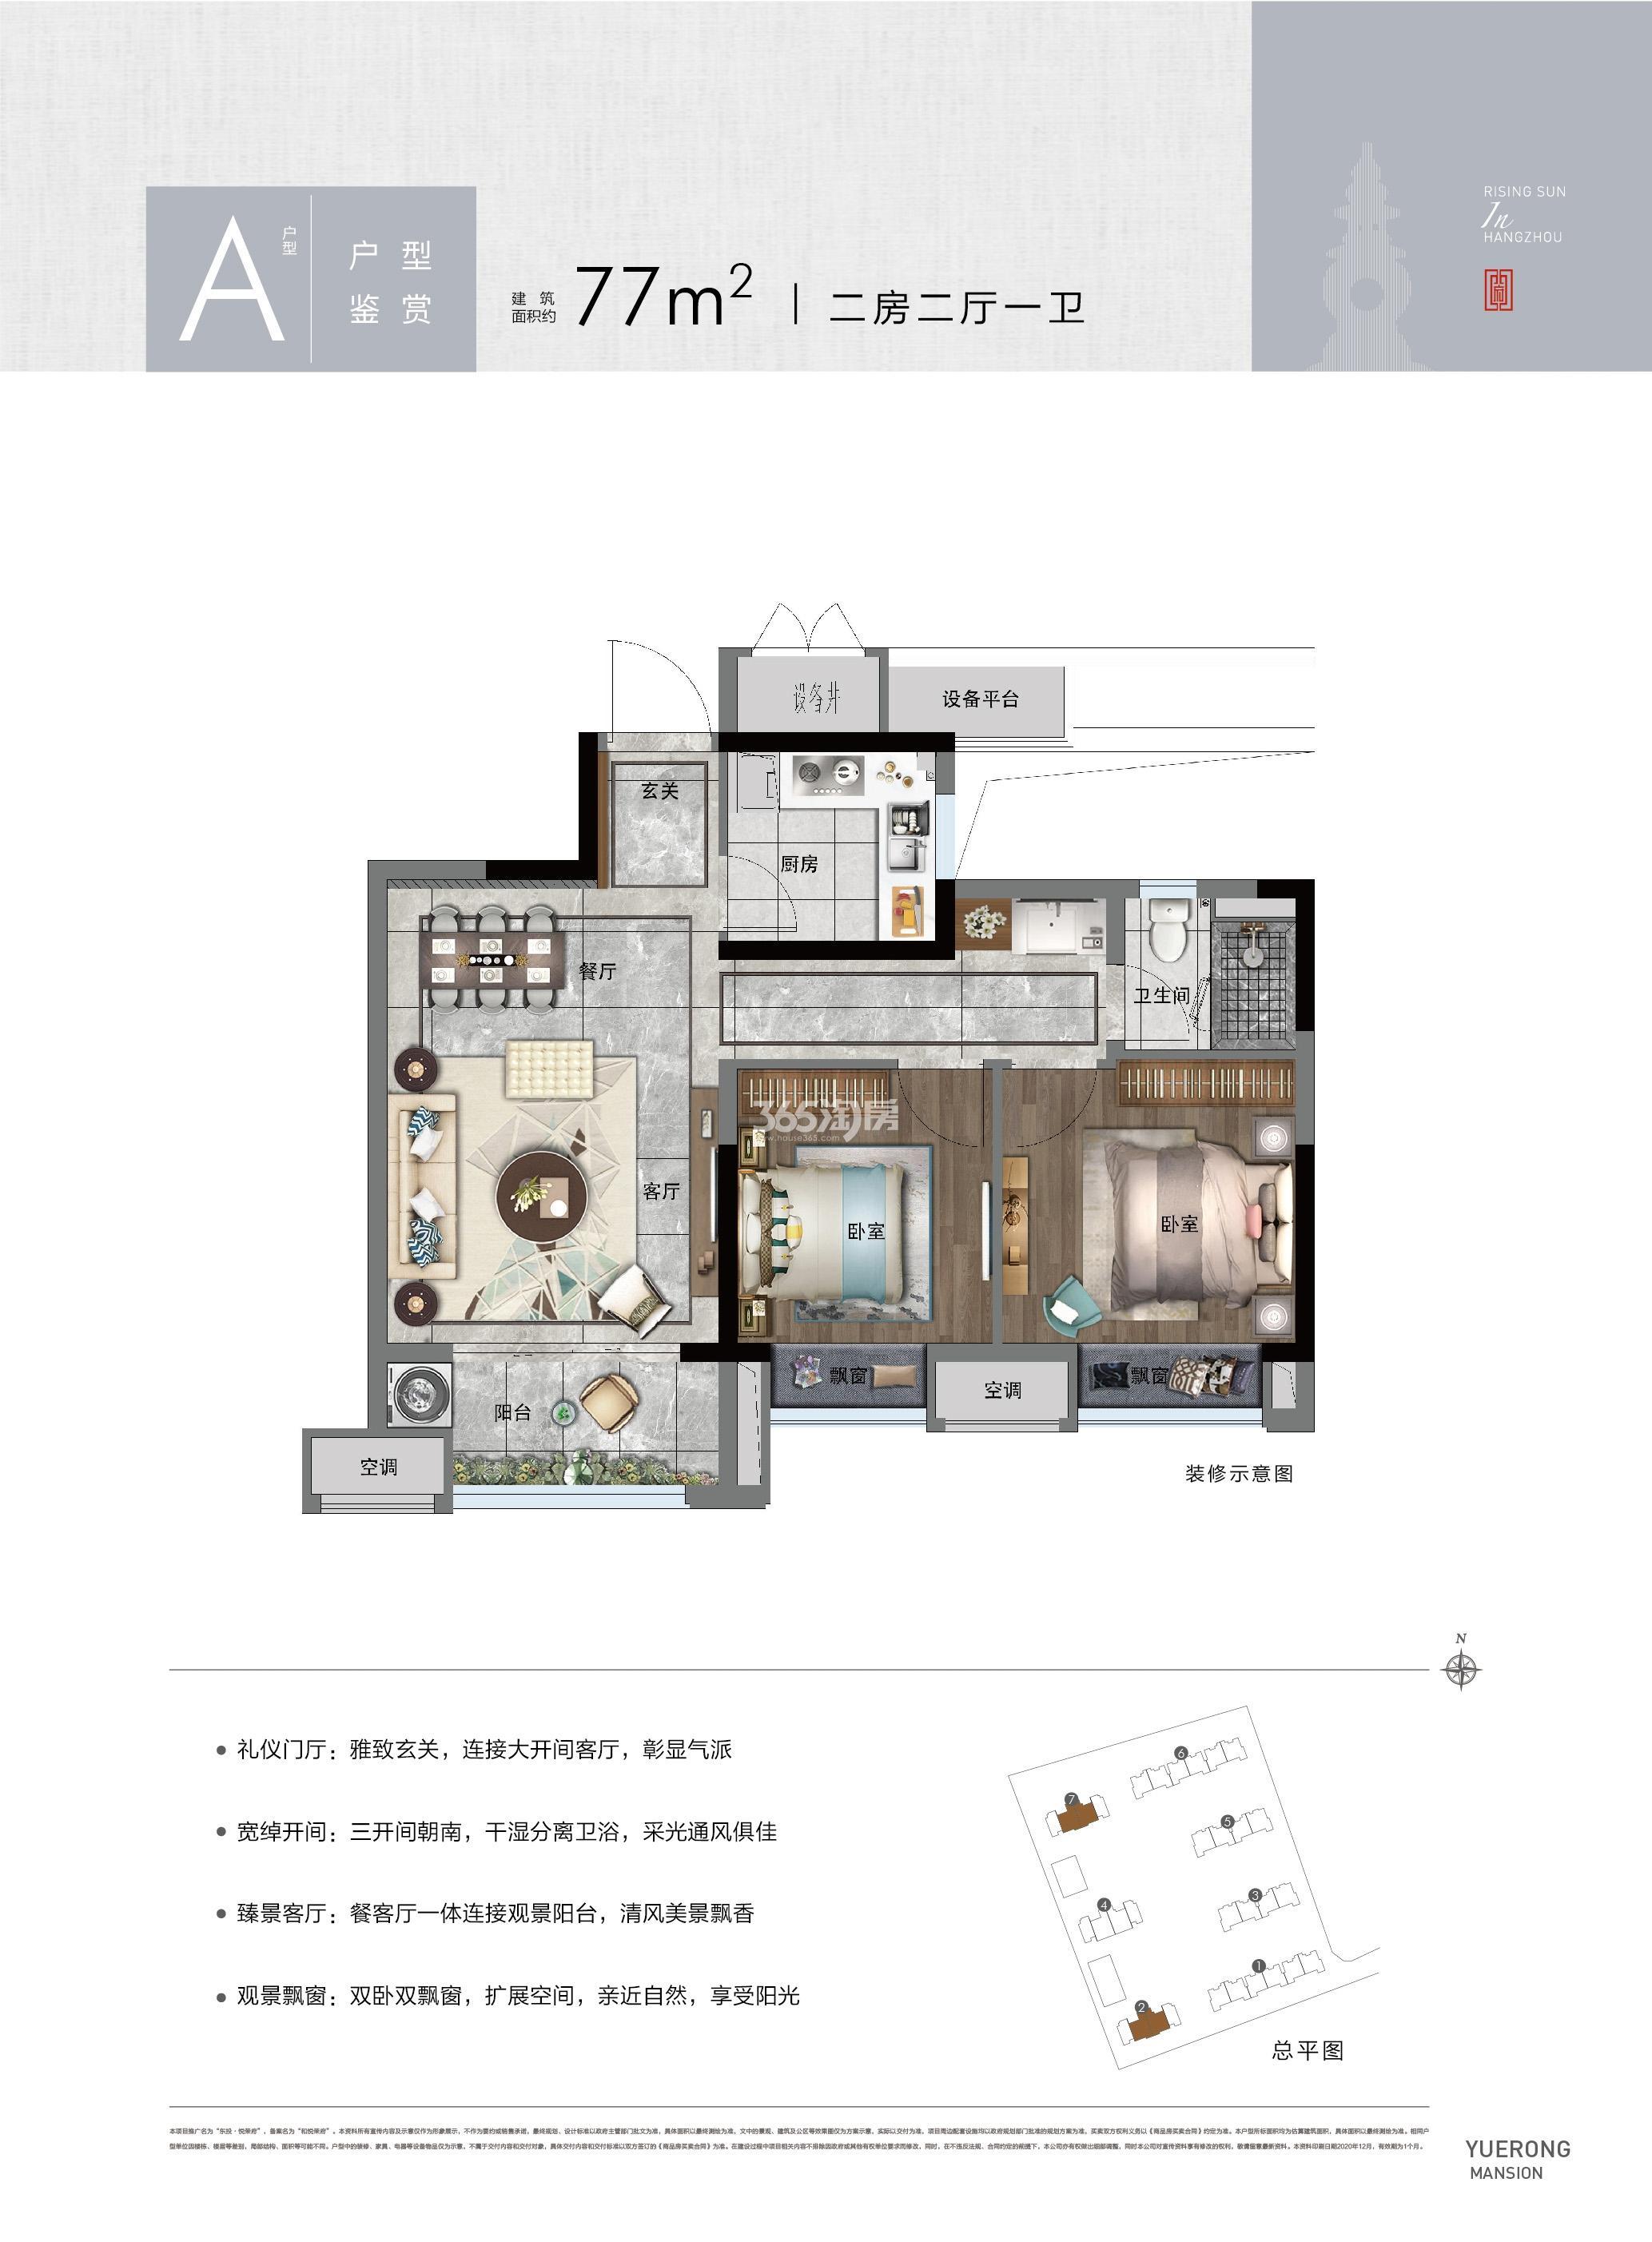 东投悦荣府A户型77方(2、7#)